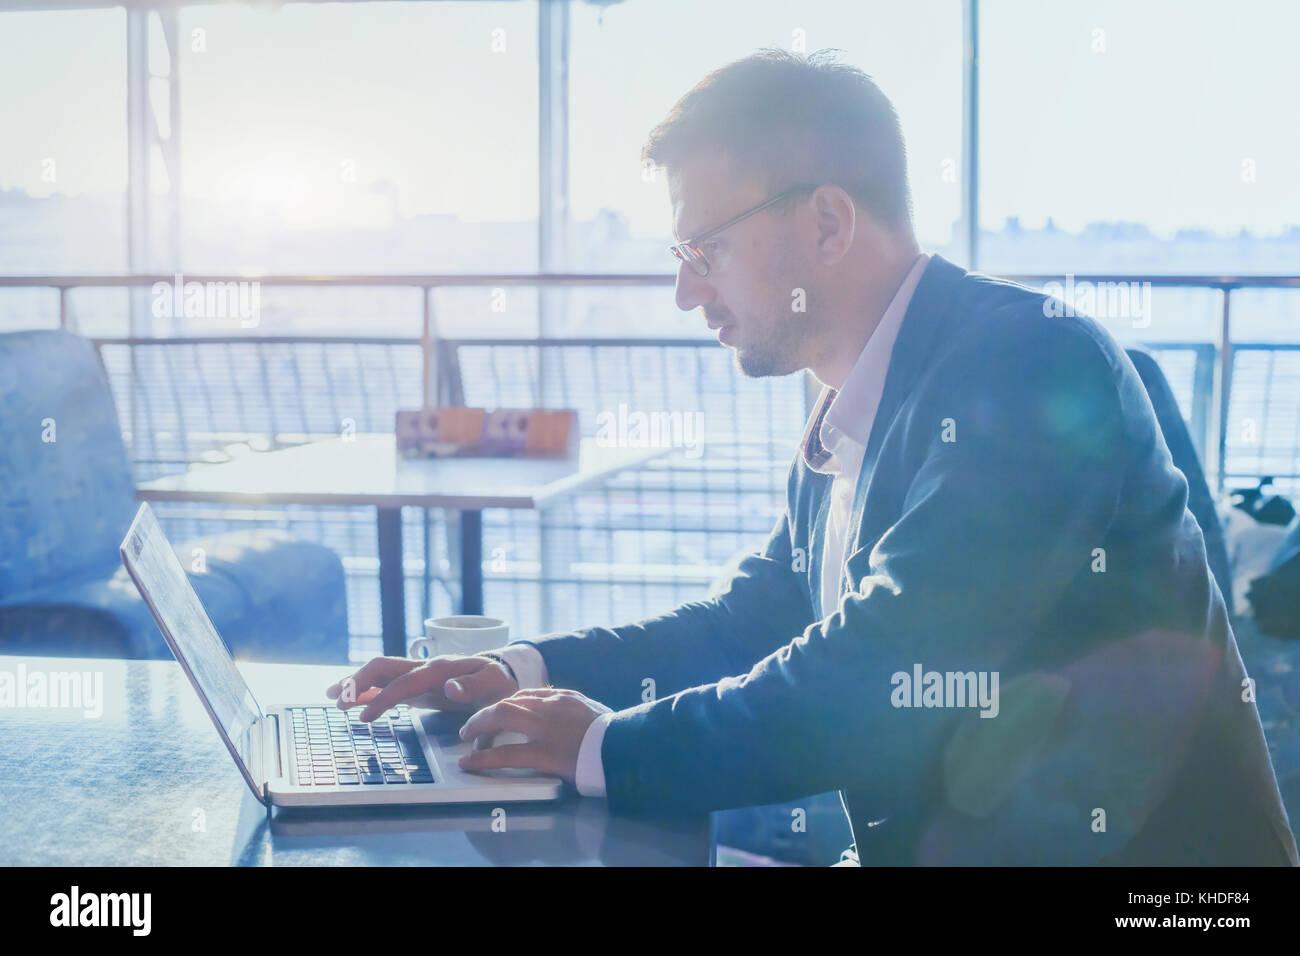 Businessman working on computer dans l'intérieur moderne de l'homme à l'aide de l'aéroport, café internet sur ordinateur portable, e-mail, saisie des opérations bancaires en ligne concept Banque D'Images